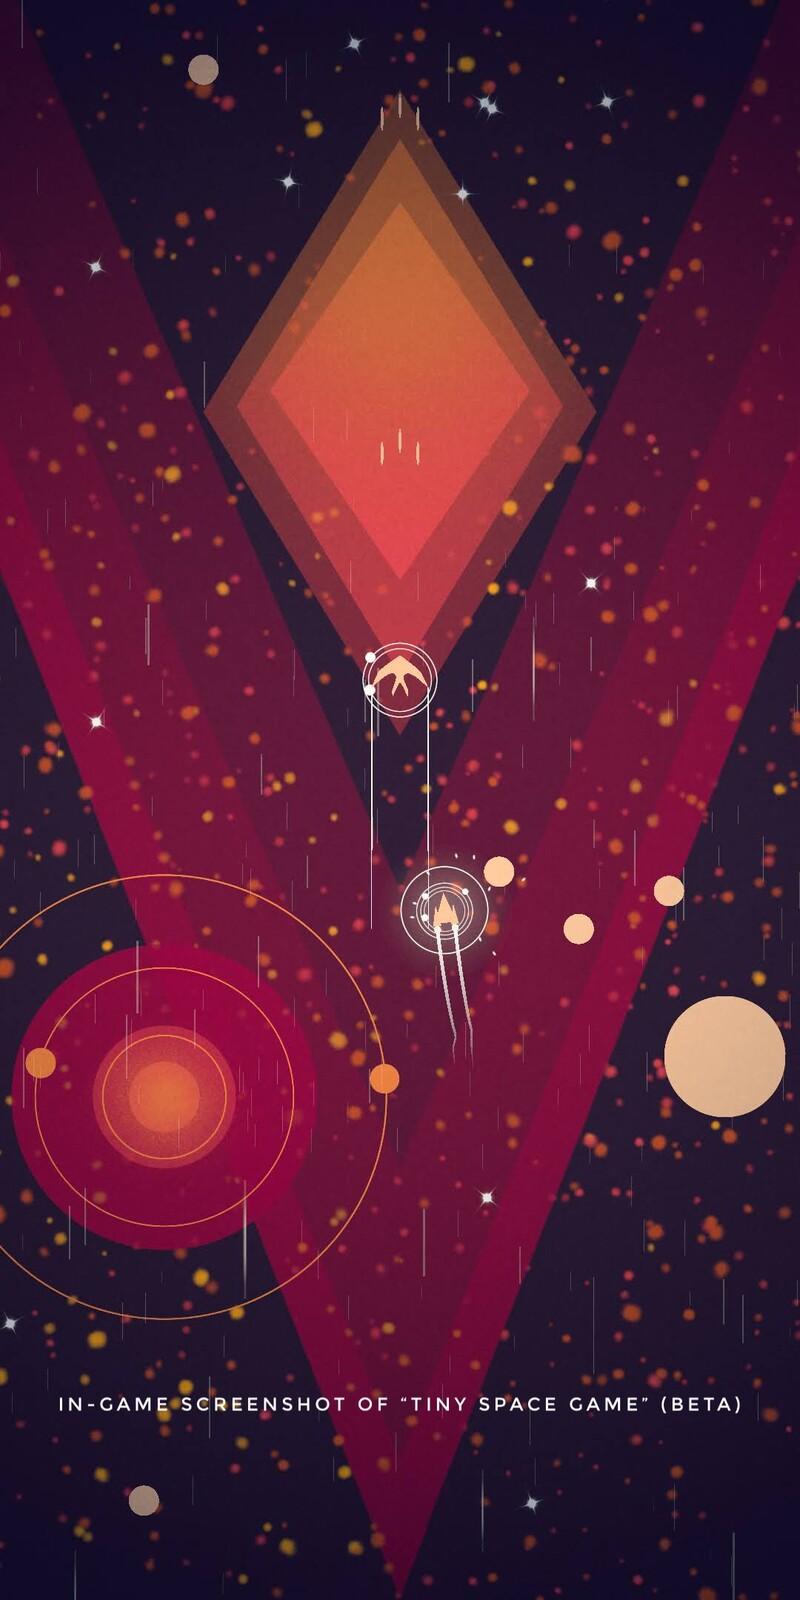 In-game screenshot (beta)